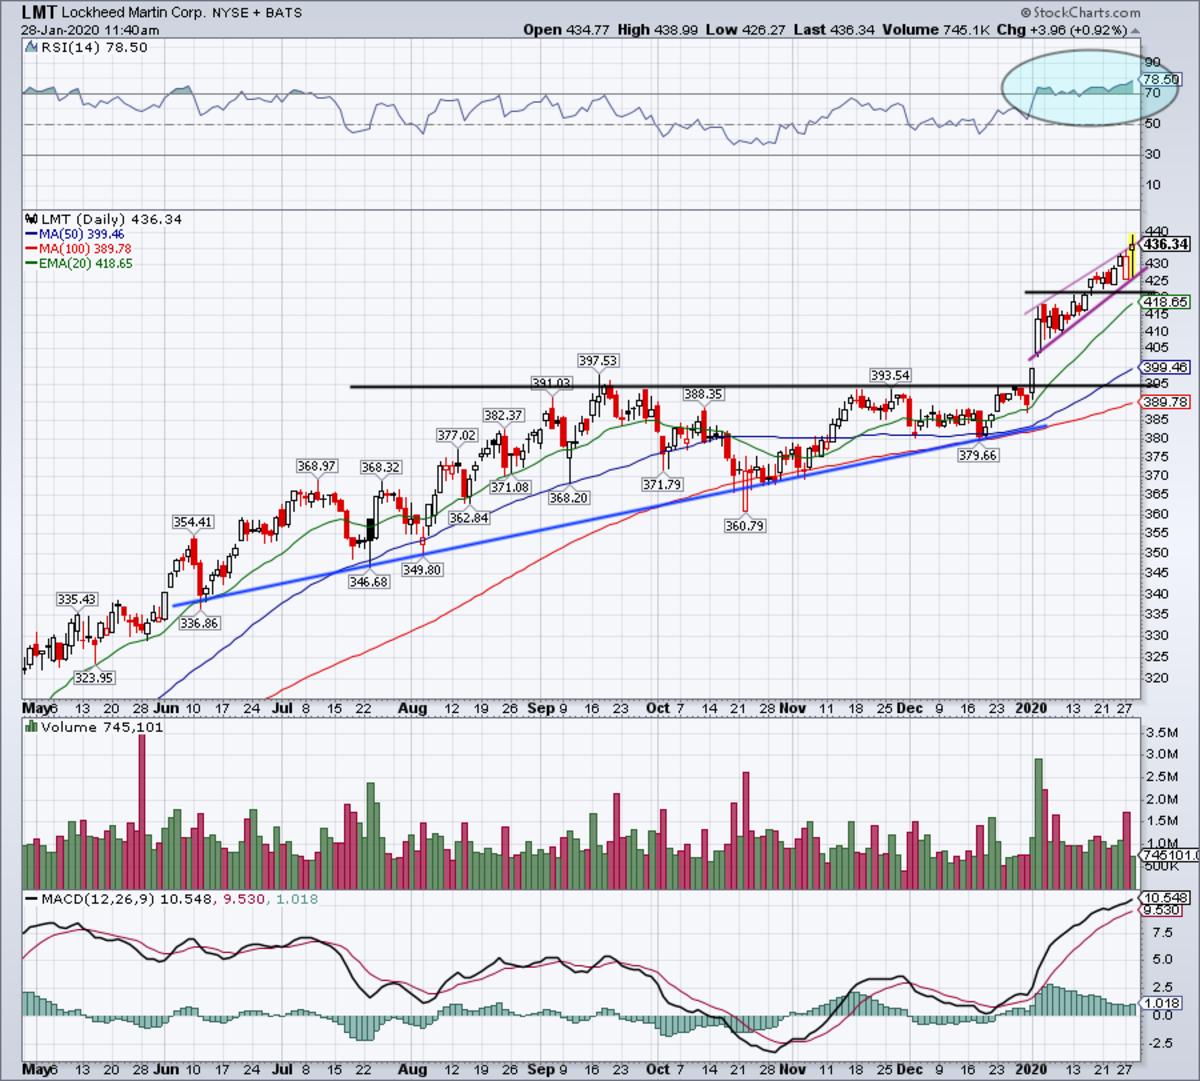 Daily chart of Lockheed Martin stock.